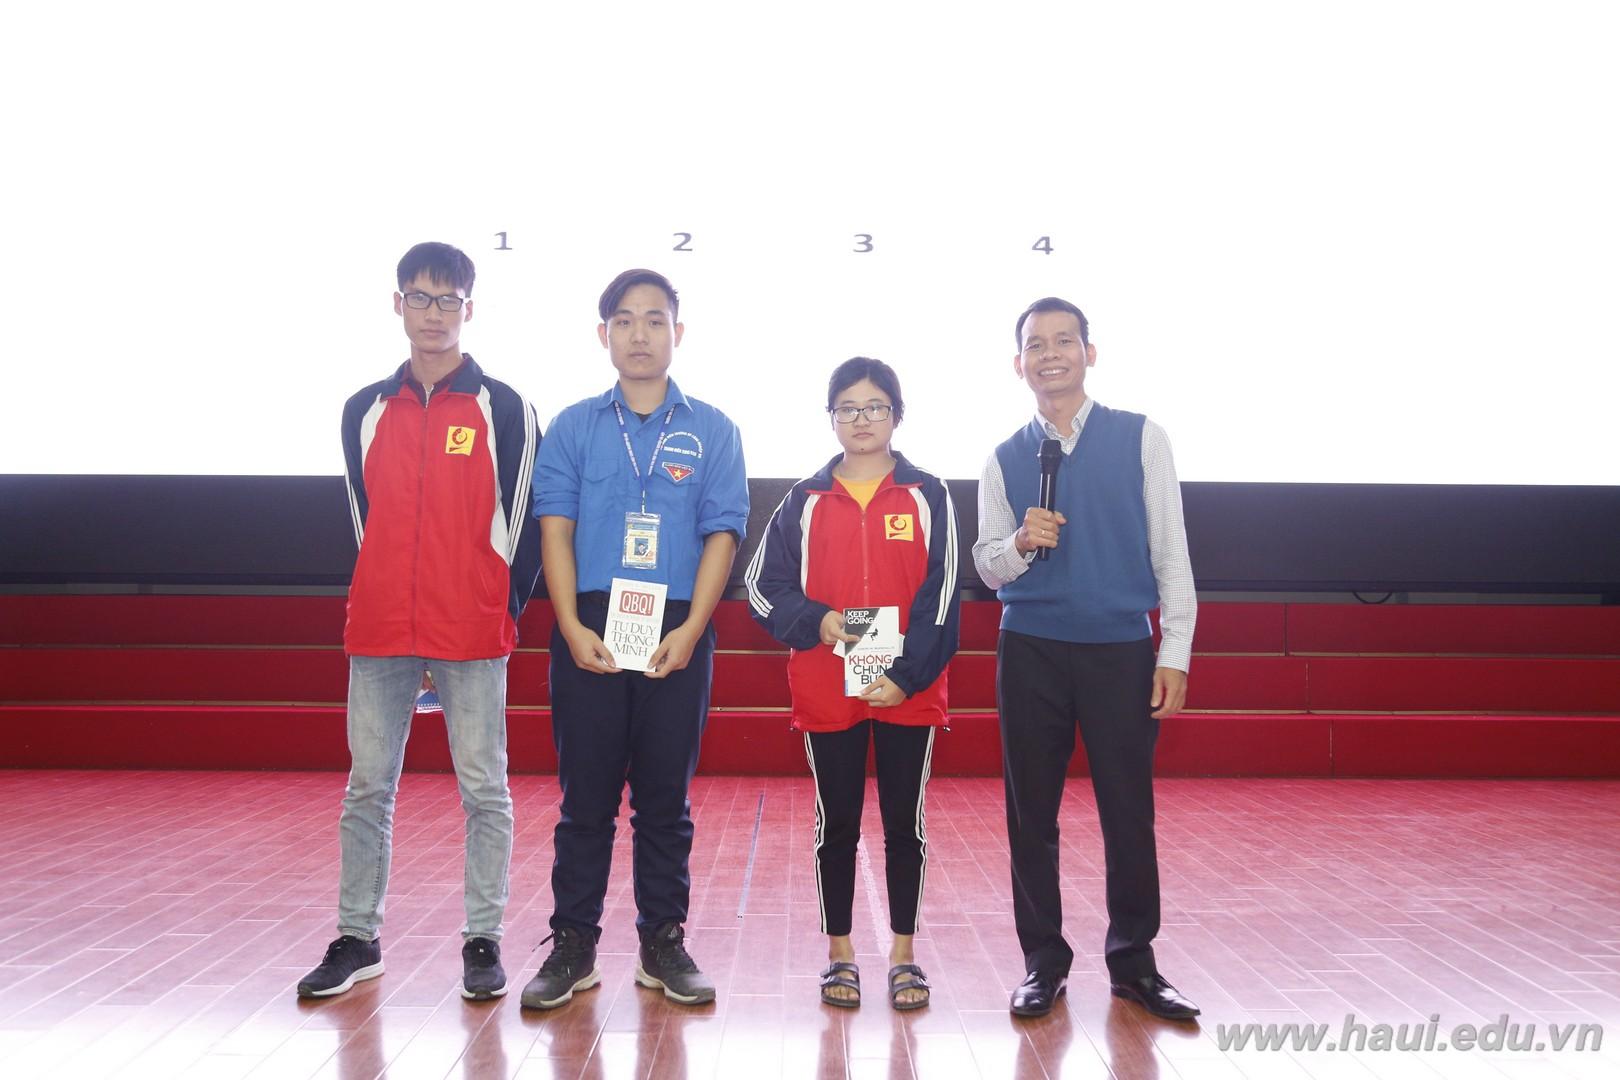 Chương trình định hướng nghề nghiệp cho tân sinh viên Đại học Công nghiệp Hà Nội